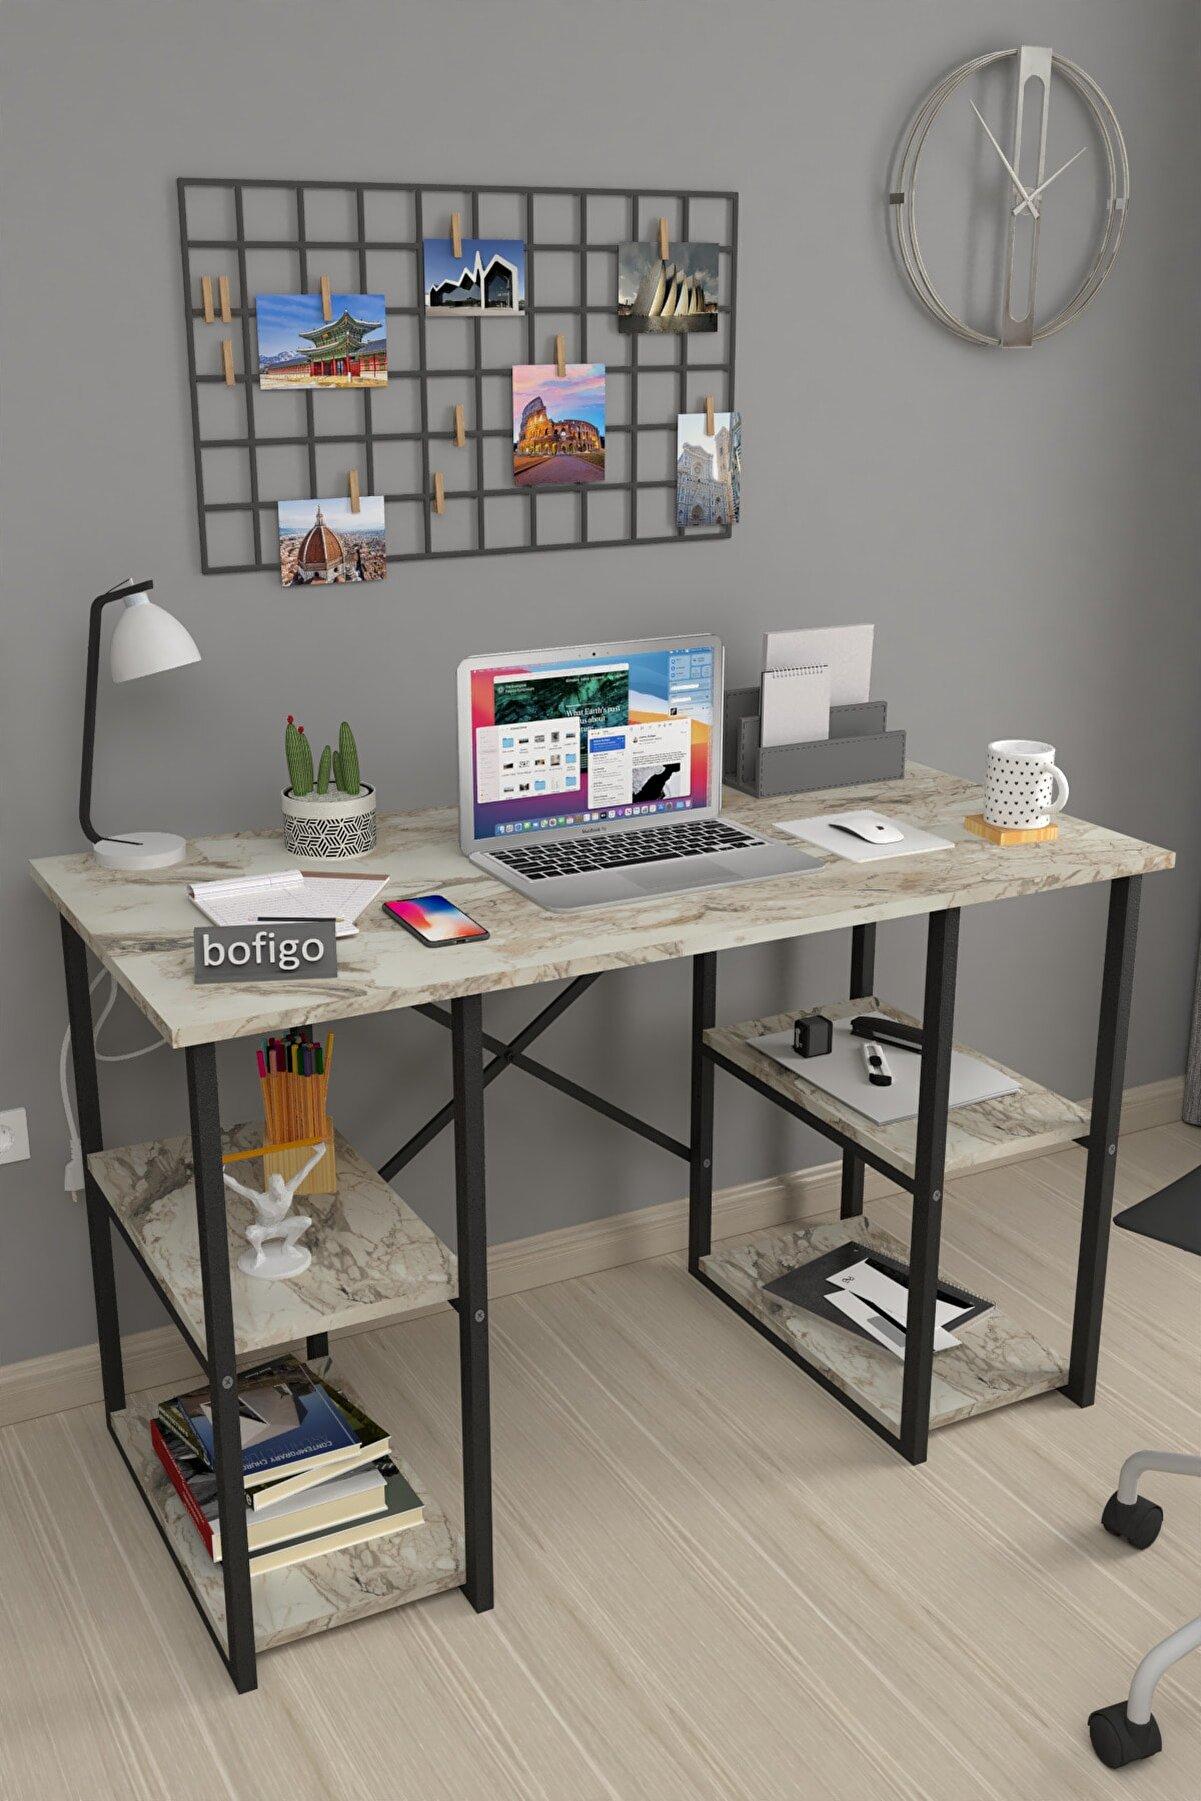 Bofigo 60X120 cm 4 Raflı Çalışma Masası Laptop Bilgisayar Masası Ofis Ders Yemek Cocuk Masası Efes